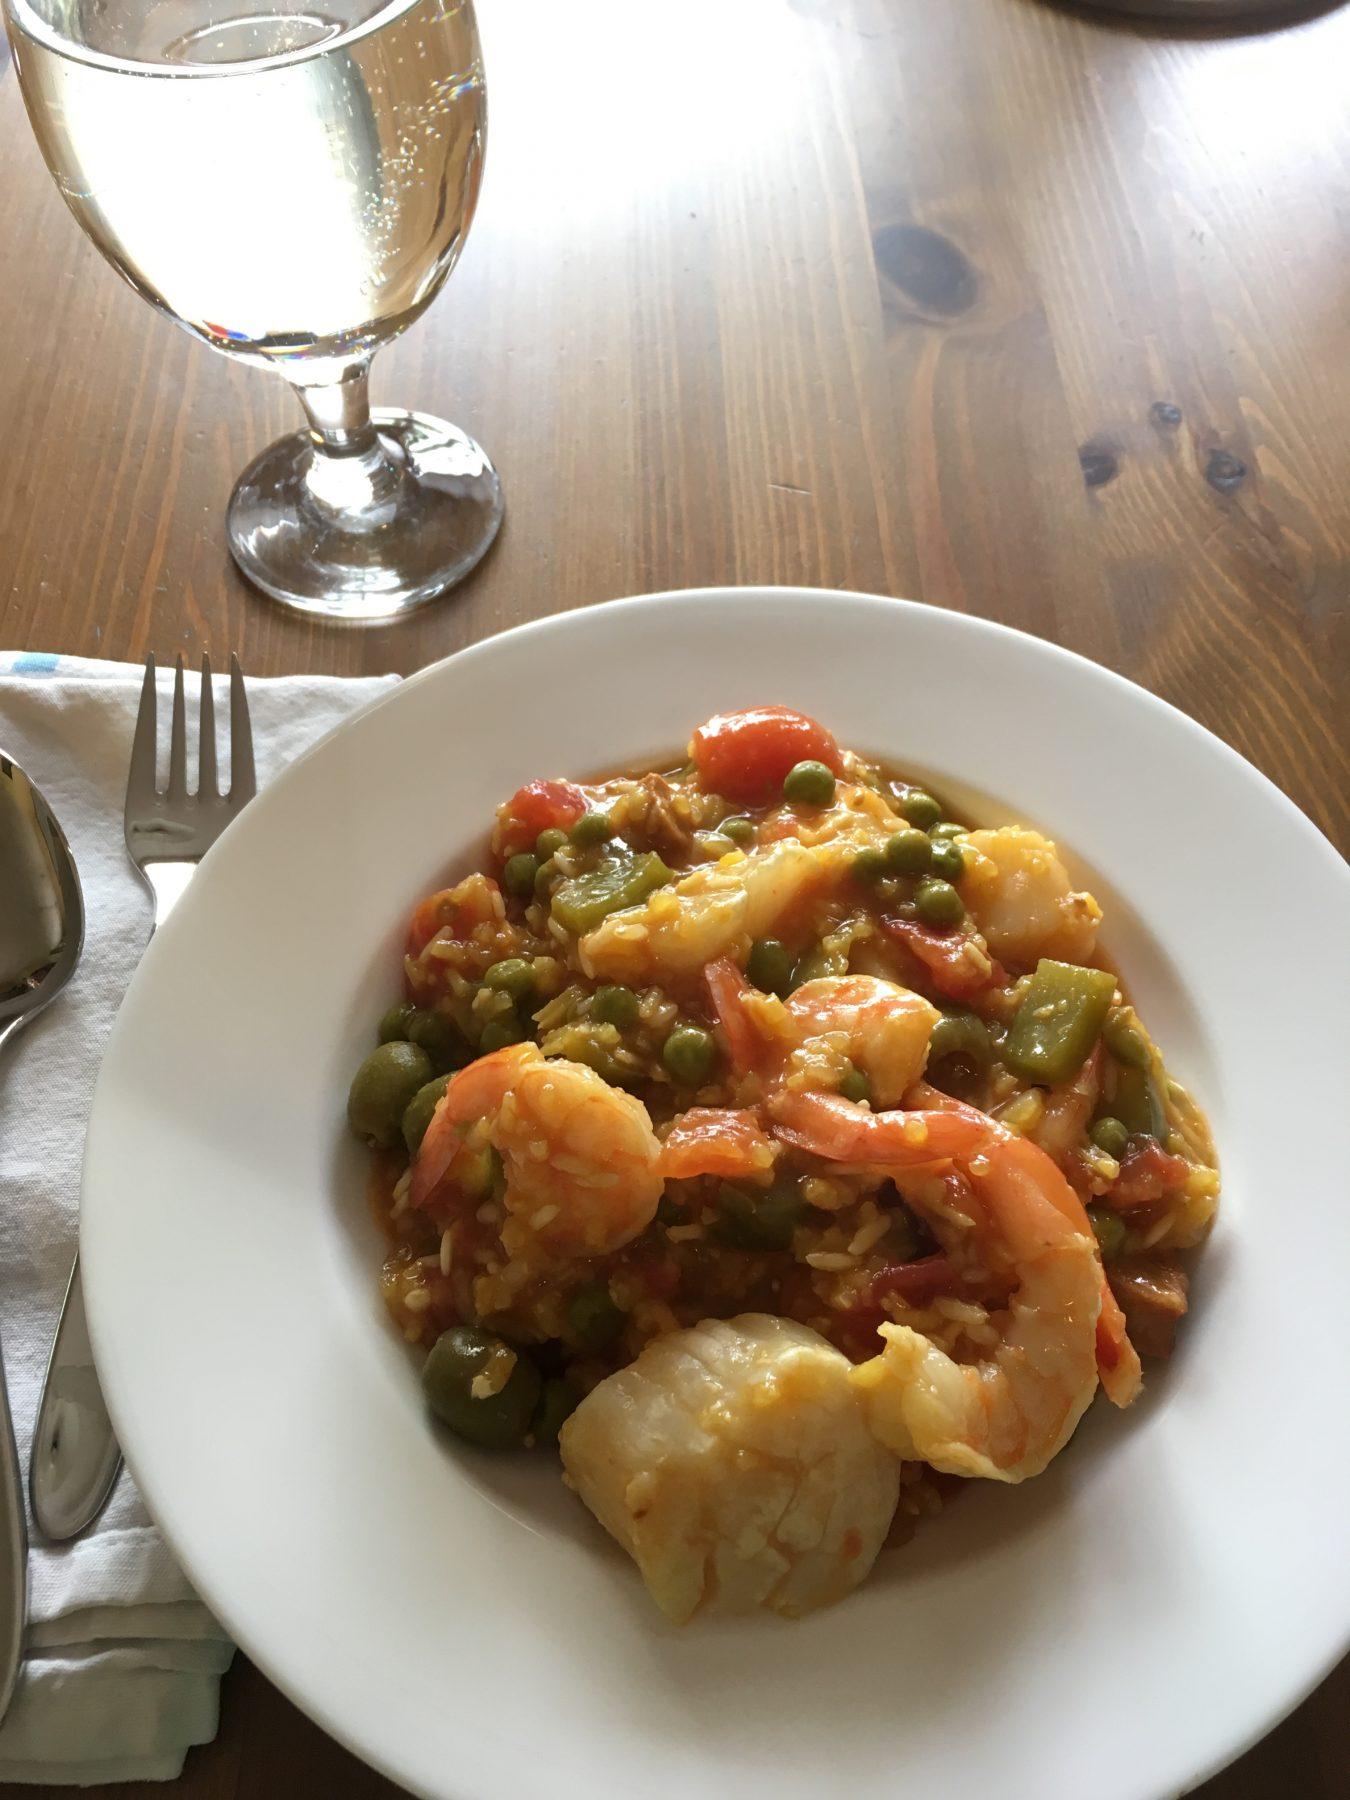 Cheater's Shrimp and Scallop Paella